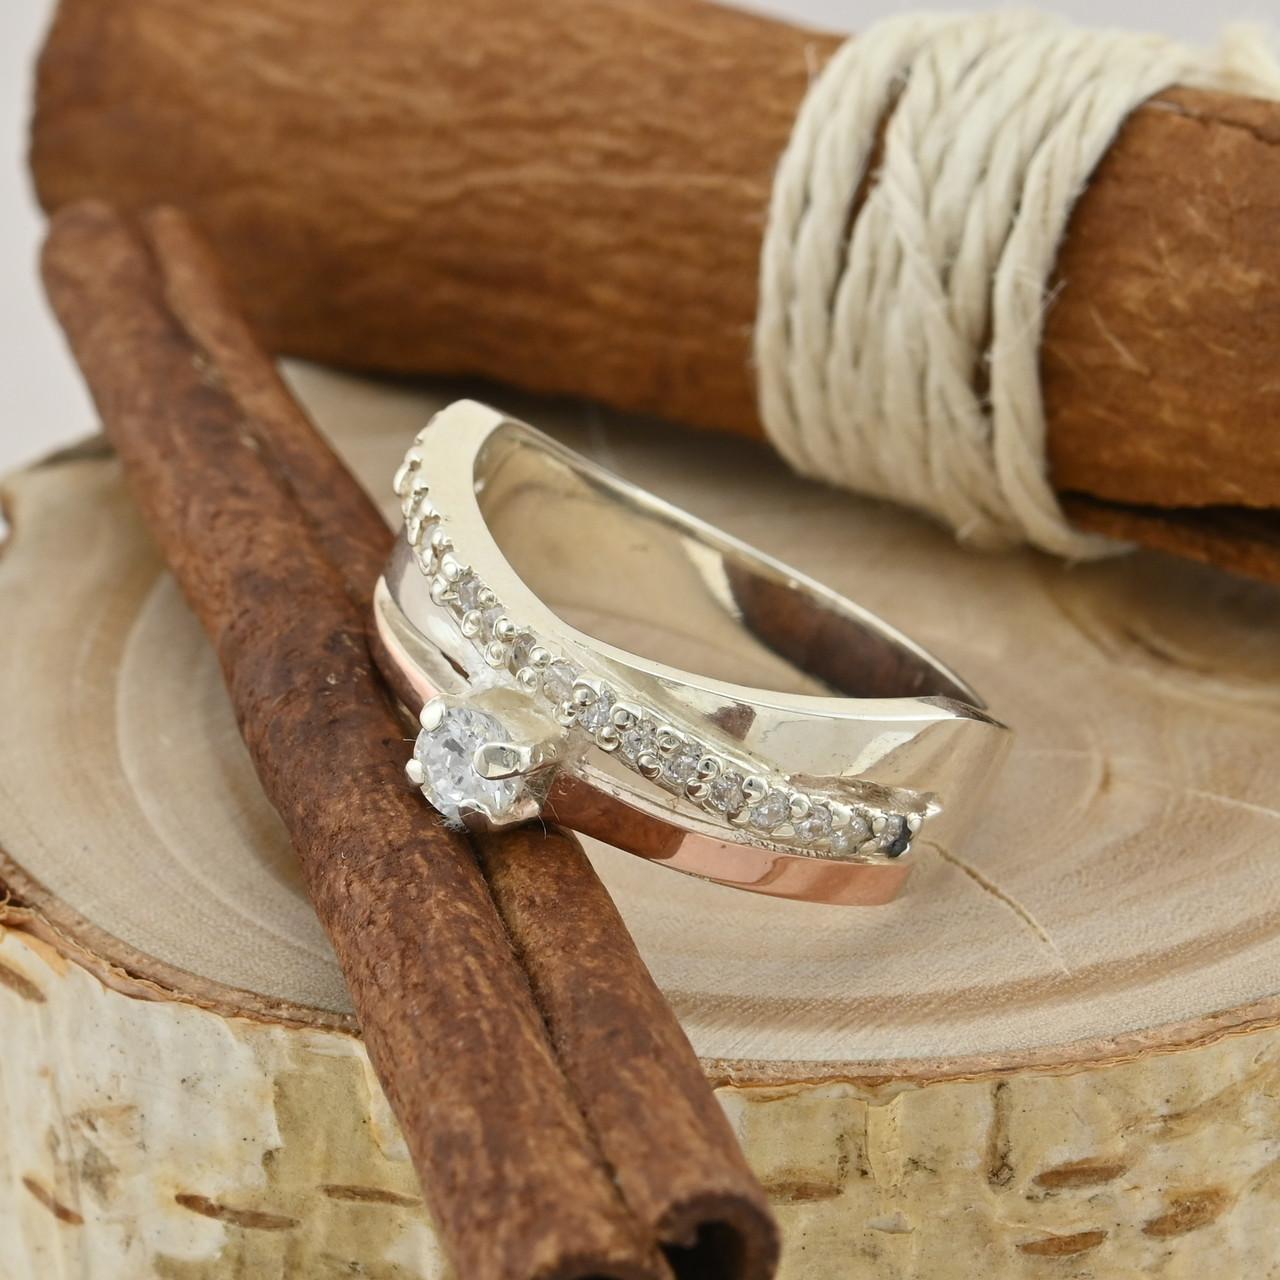 Серебряное кольцо с золотом Лейла размер 20 вставка белые фианиты вес 5.5 г